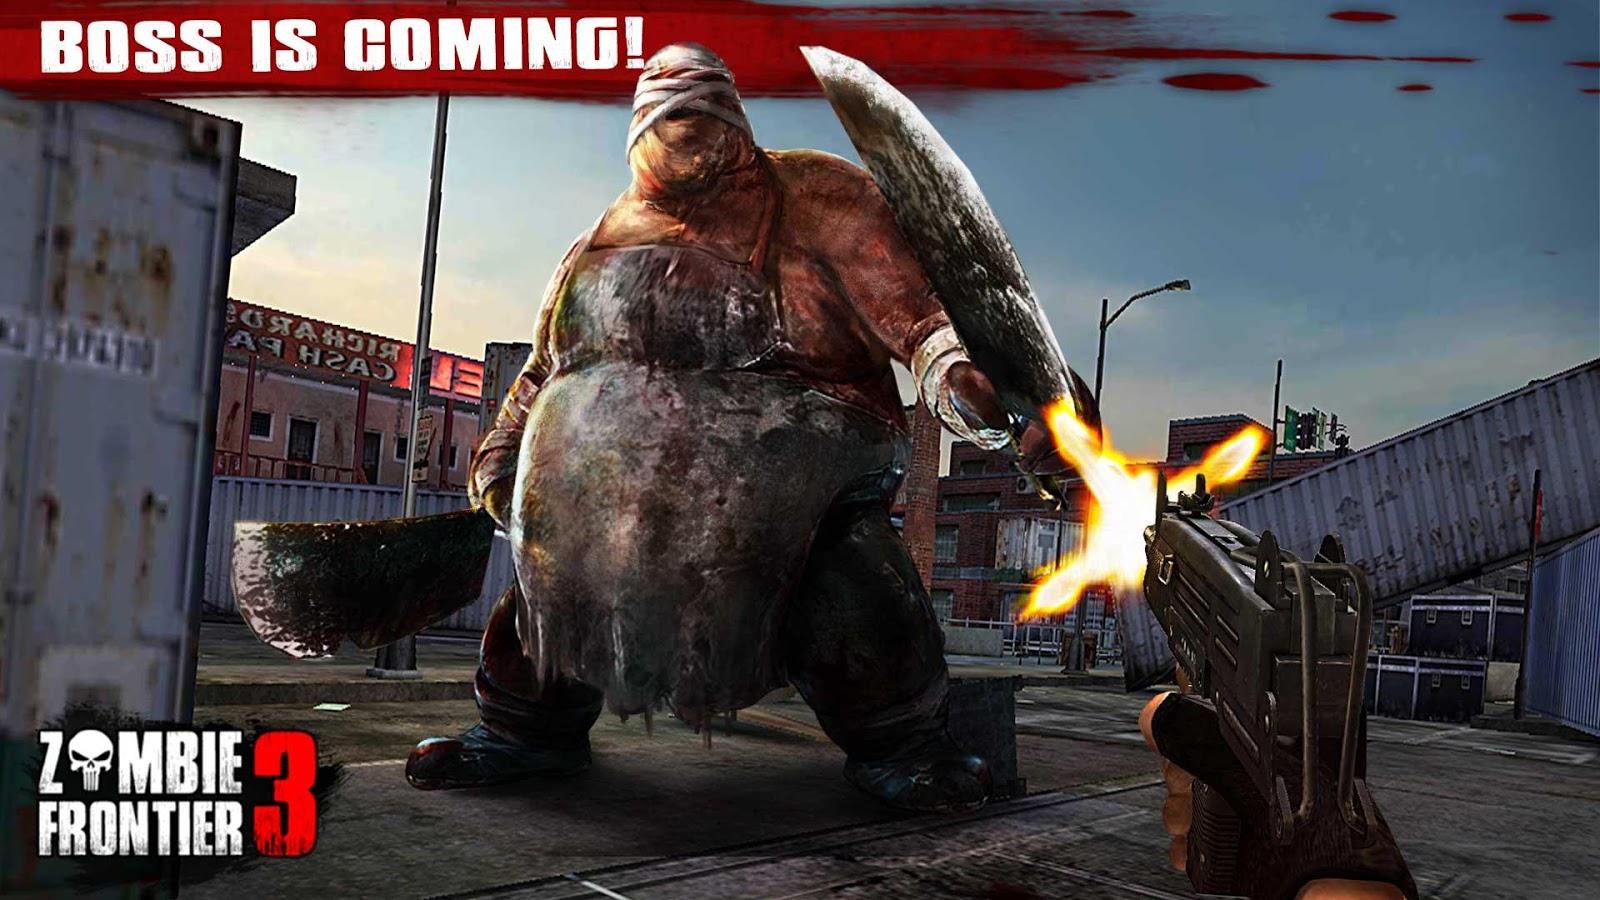 Zombie Frontier 3 boss